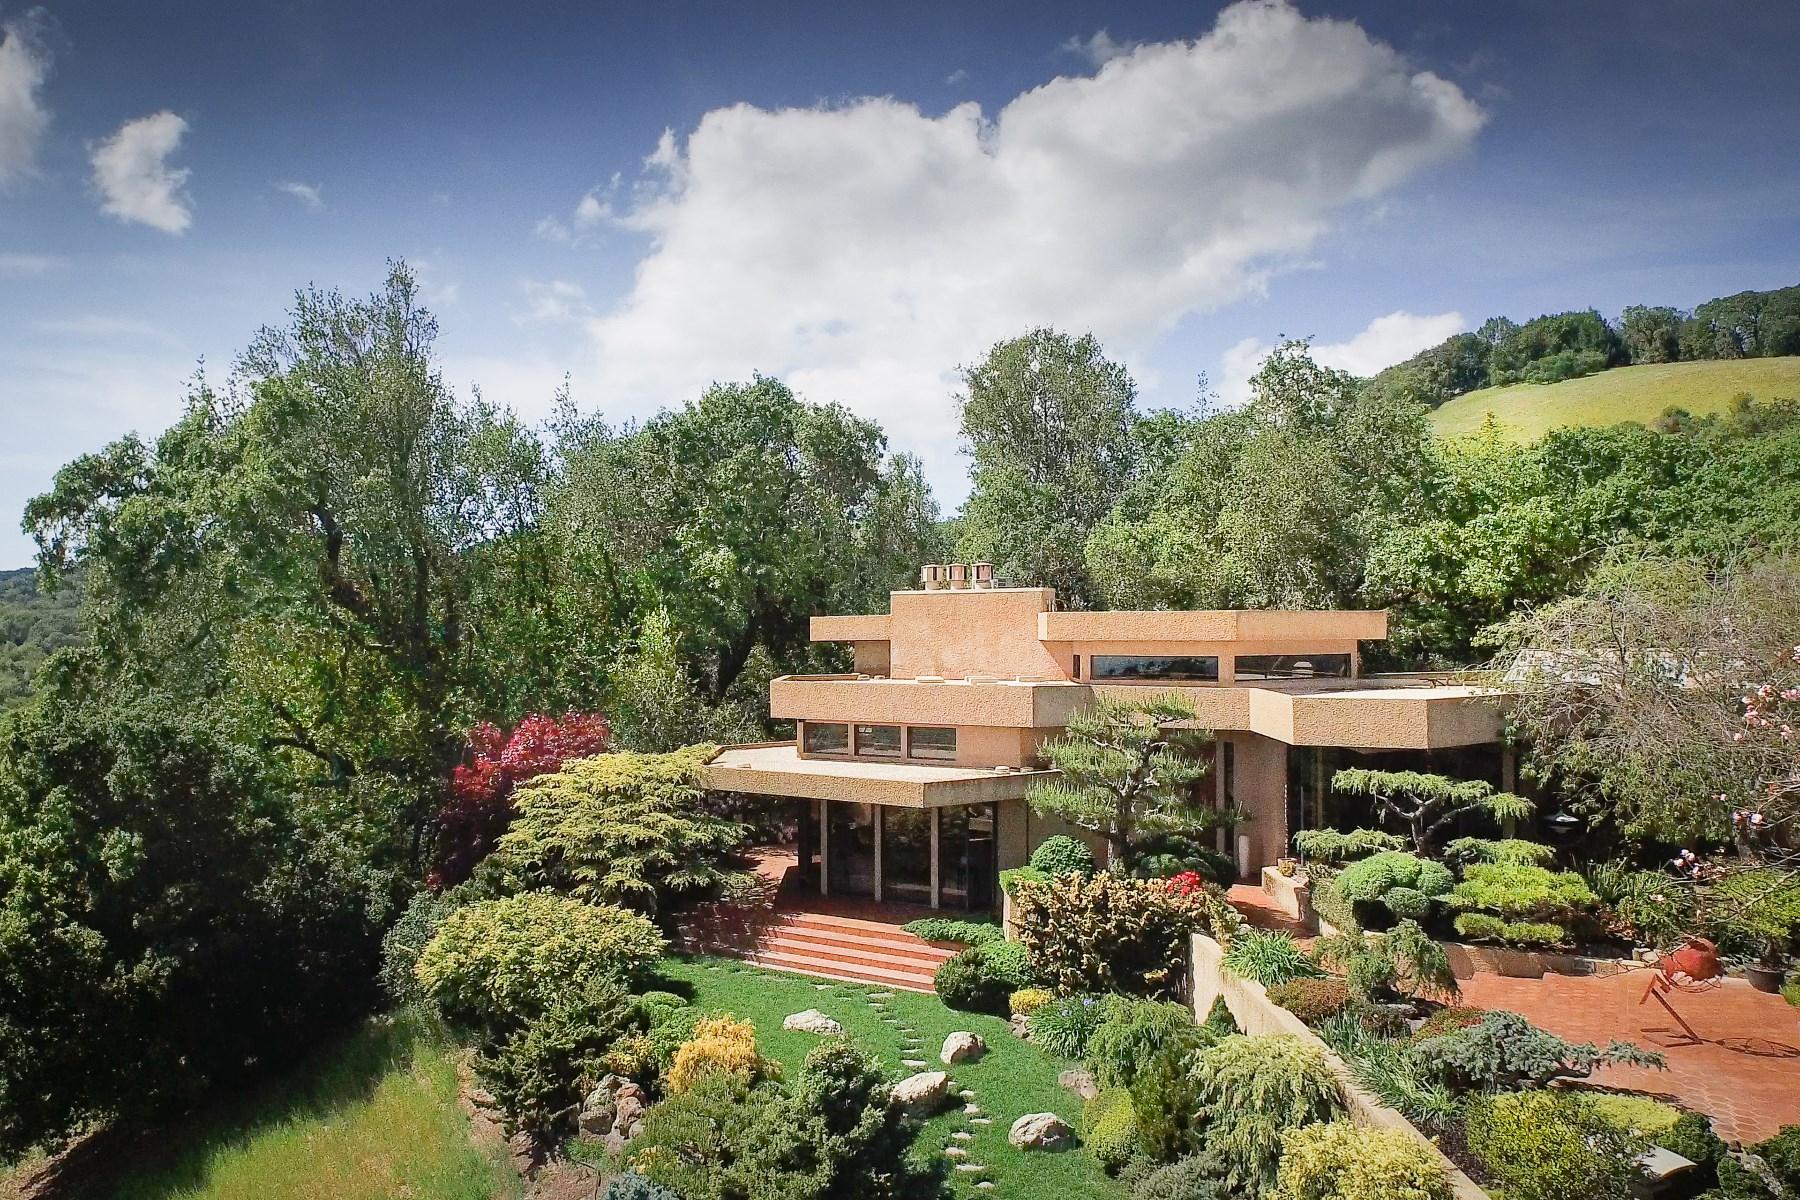 独户住宅 为 销售 在 Sonoma Garden Estate 6150 Grove St 索诺玛, 加利福尼亚州, 95476 美国